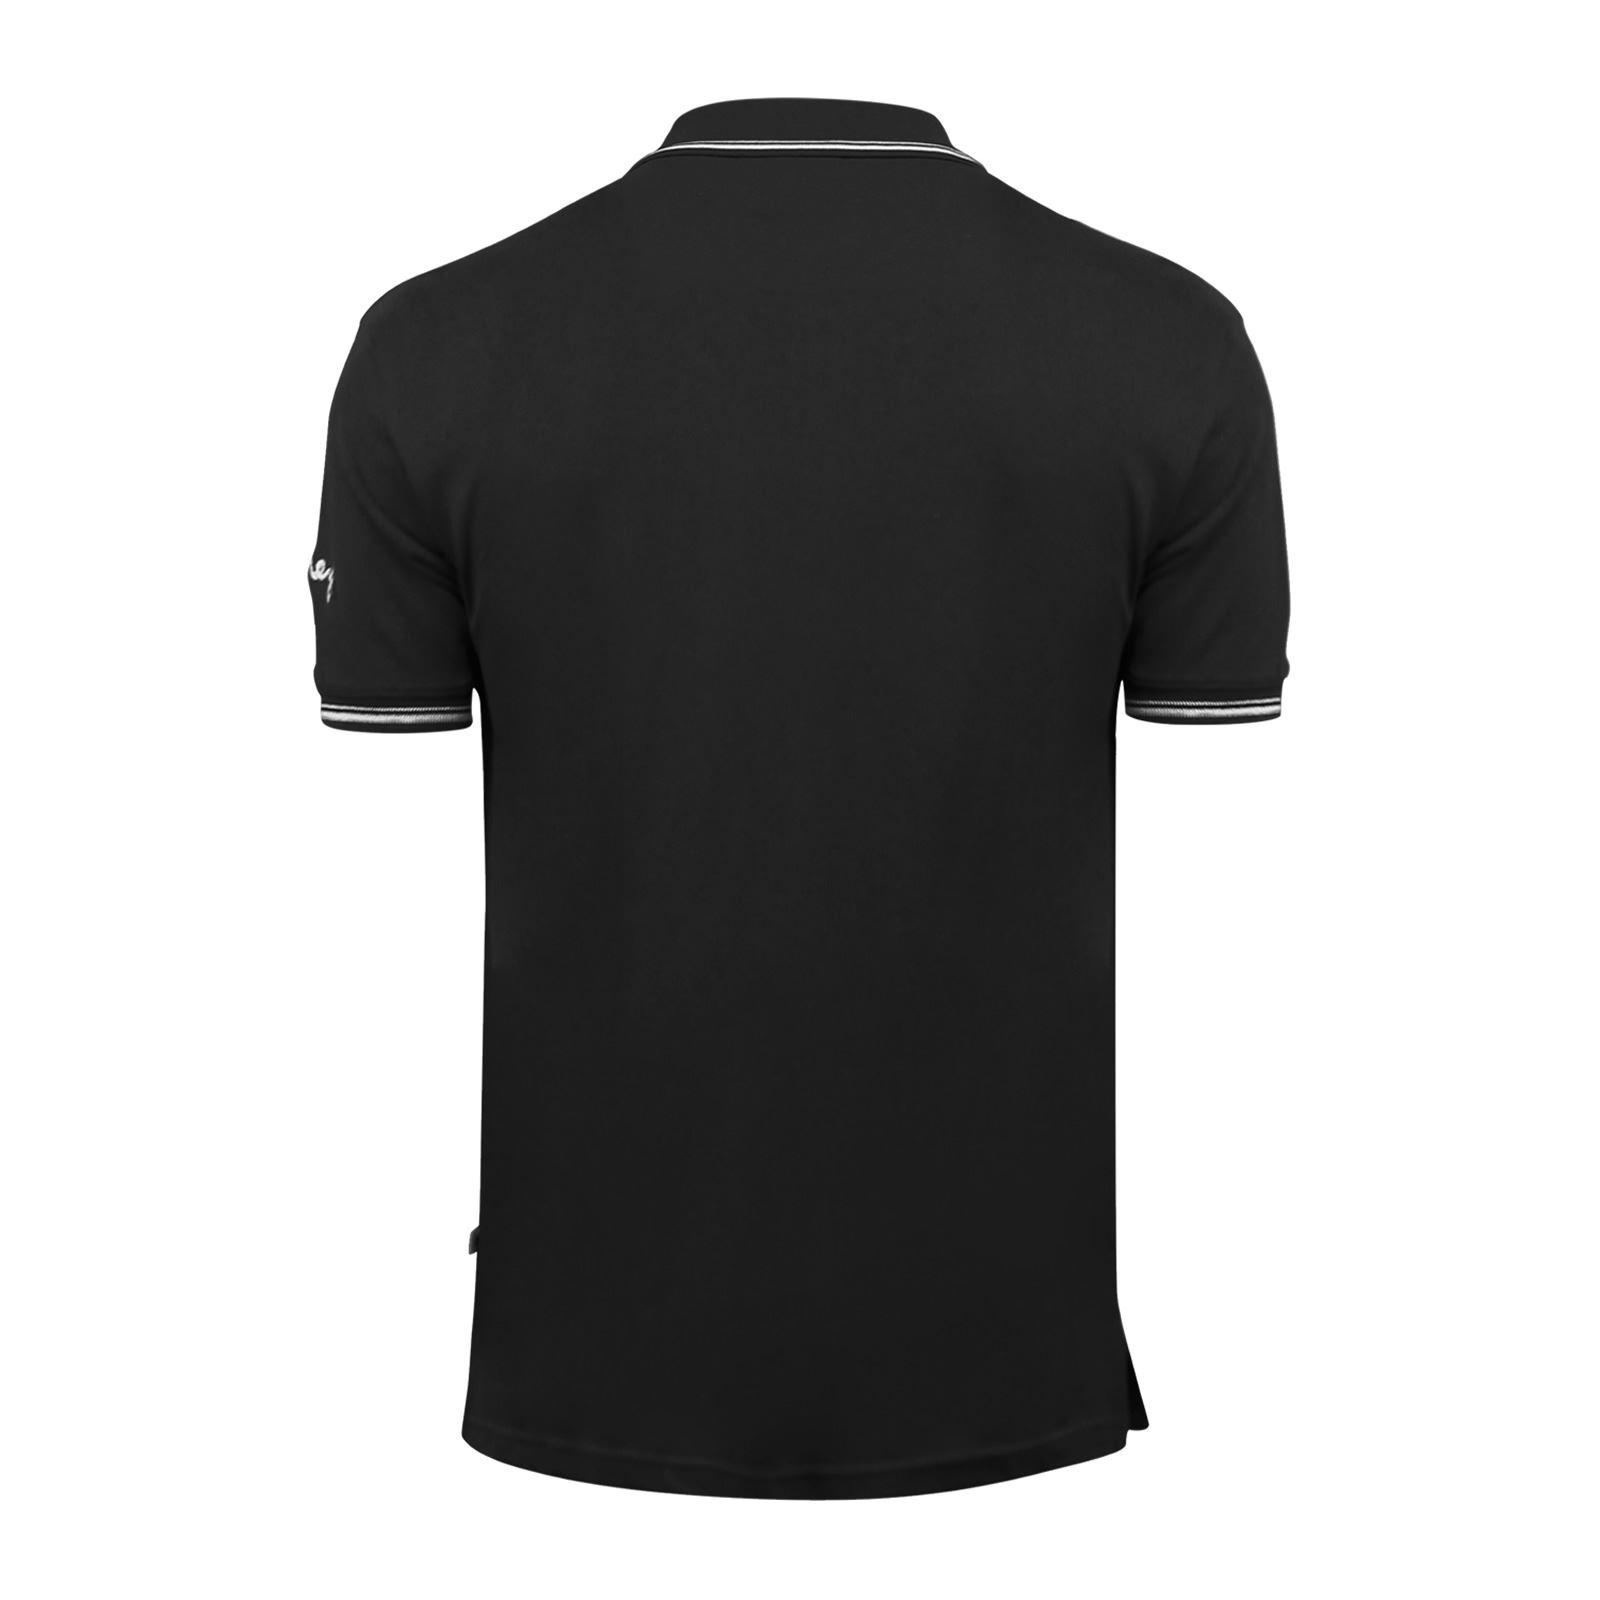 Argent-Comp-pour-Homme-Polo-Shirt-a-Manches-Courtes-en-Coton-Col-Haut-Decontracte miniature 5